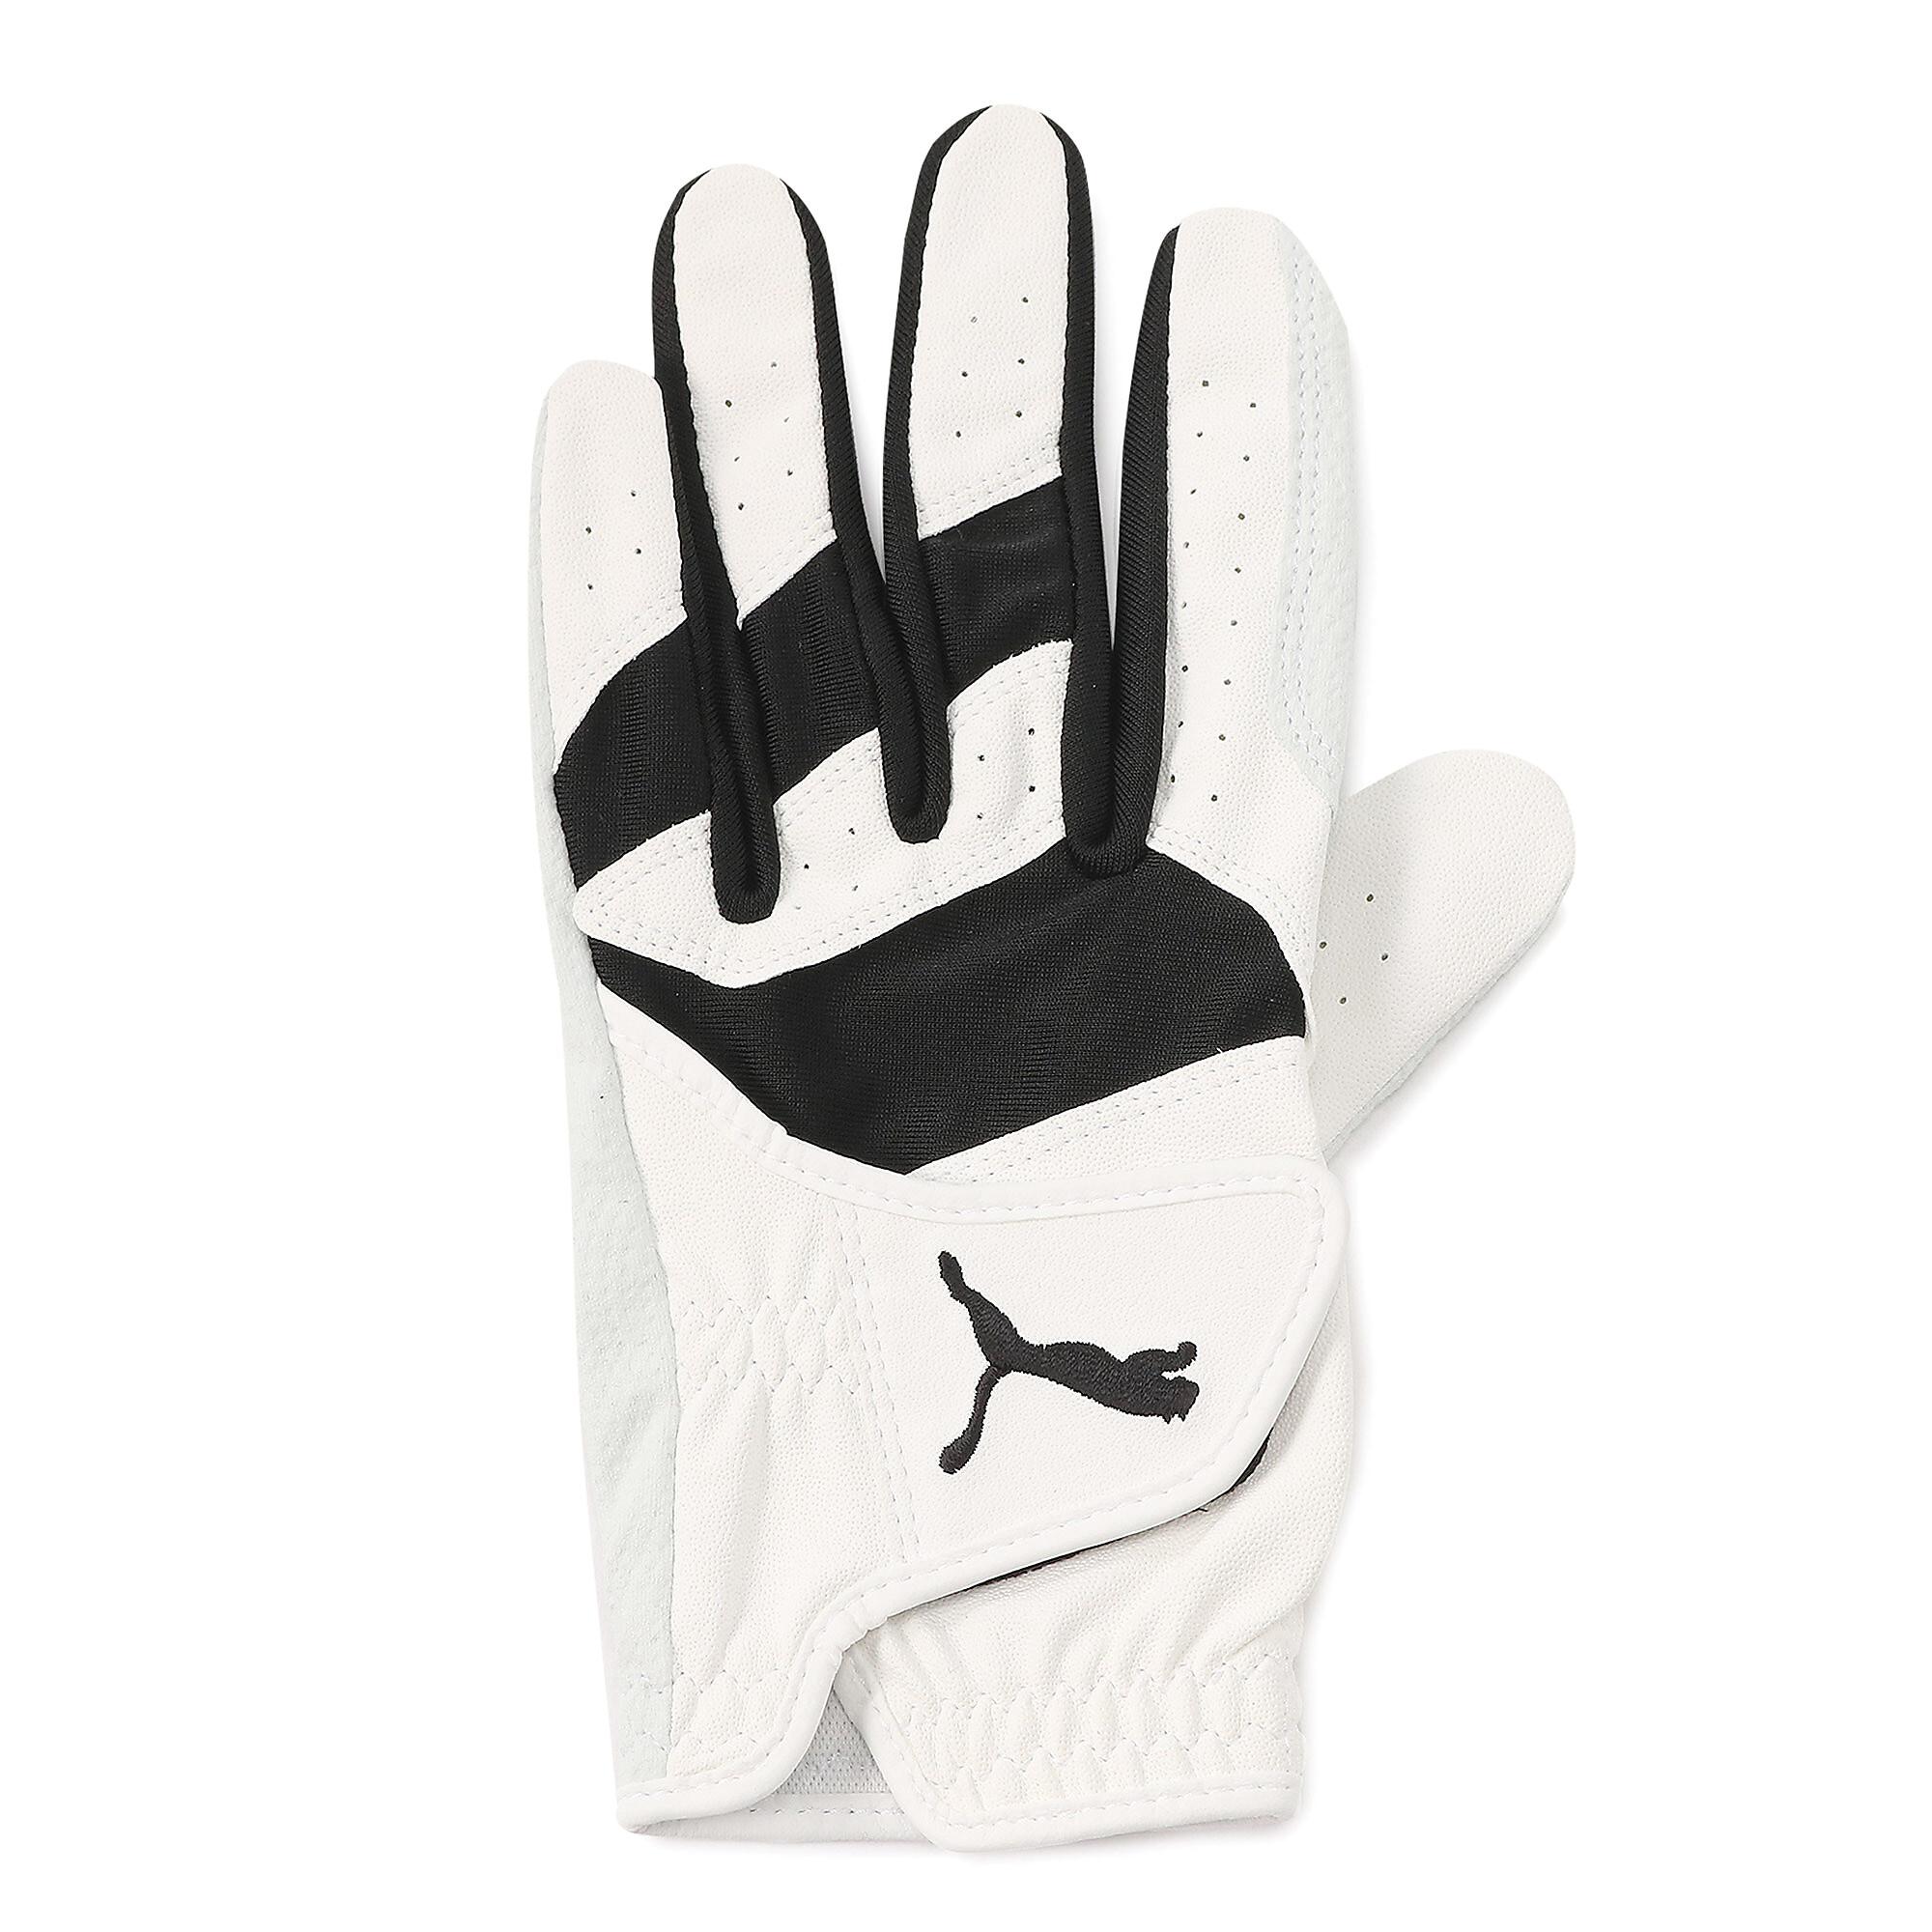 【プーマ公式通販】 プーマ ゴルフ フュージョン グリップ グローブ 左手用 メンズ Bright White-Puma Black |PUMA.com